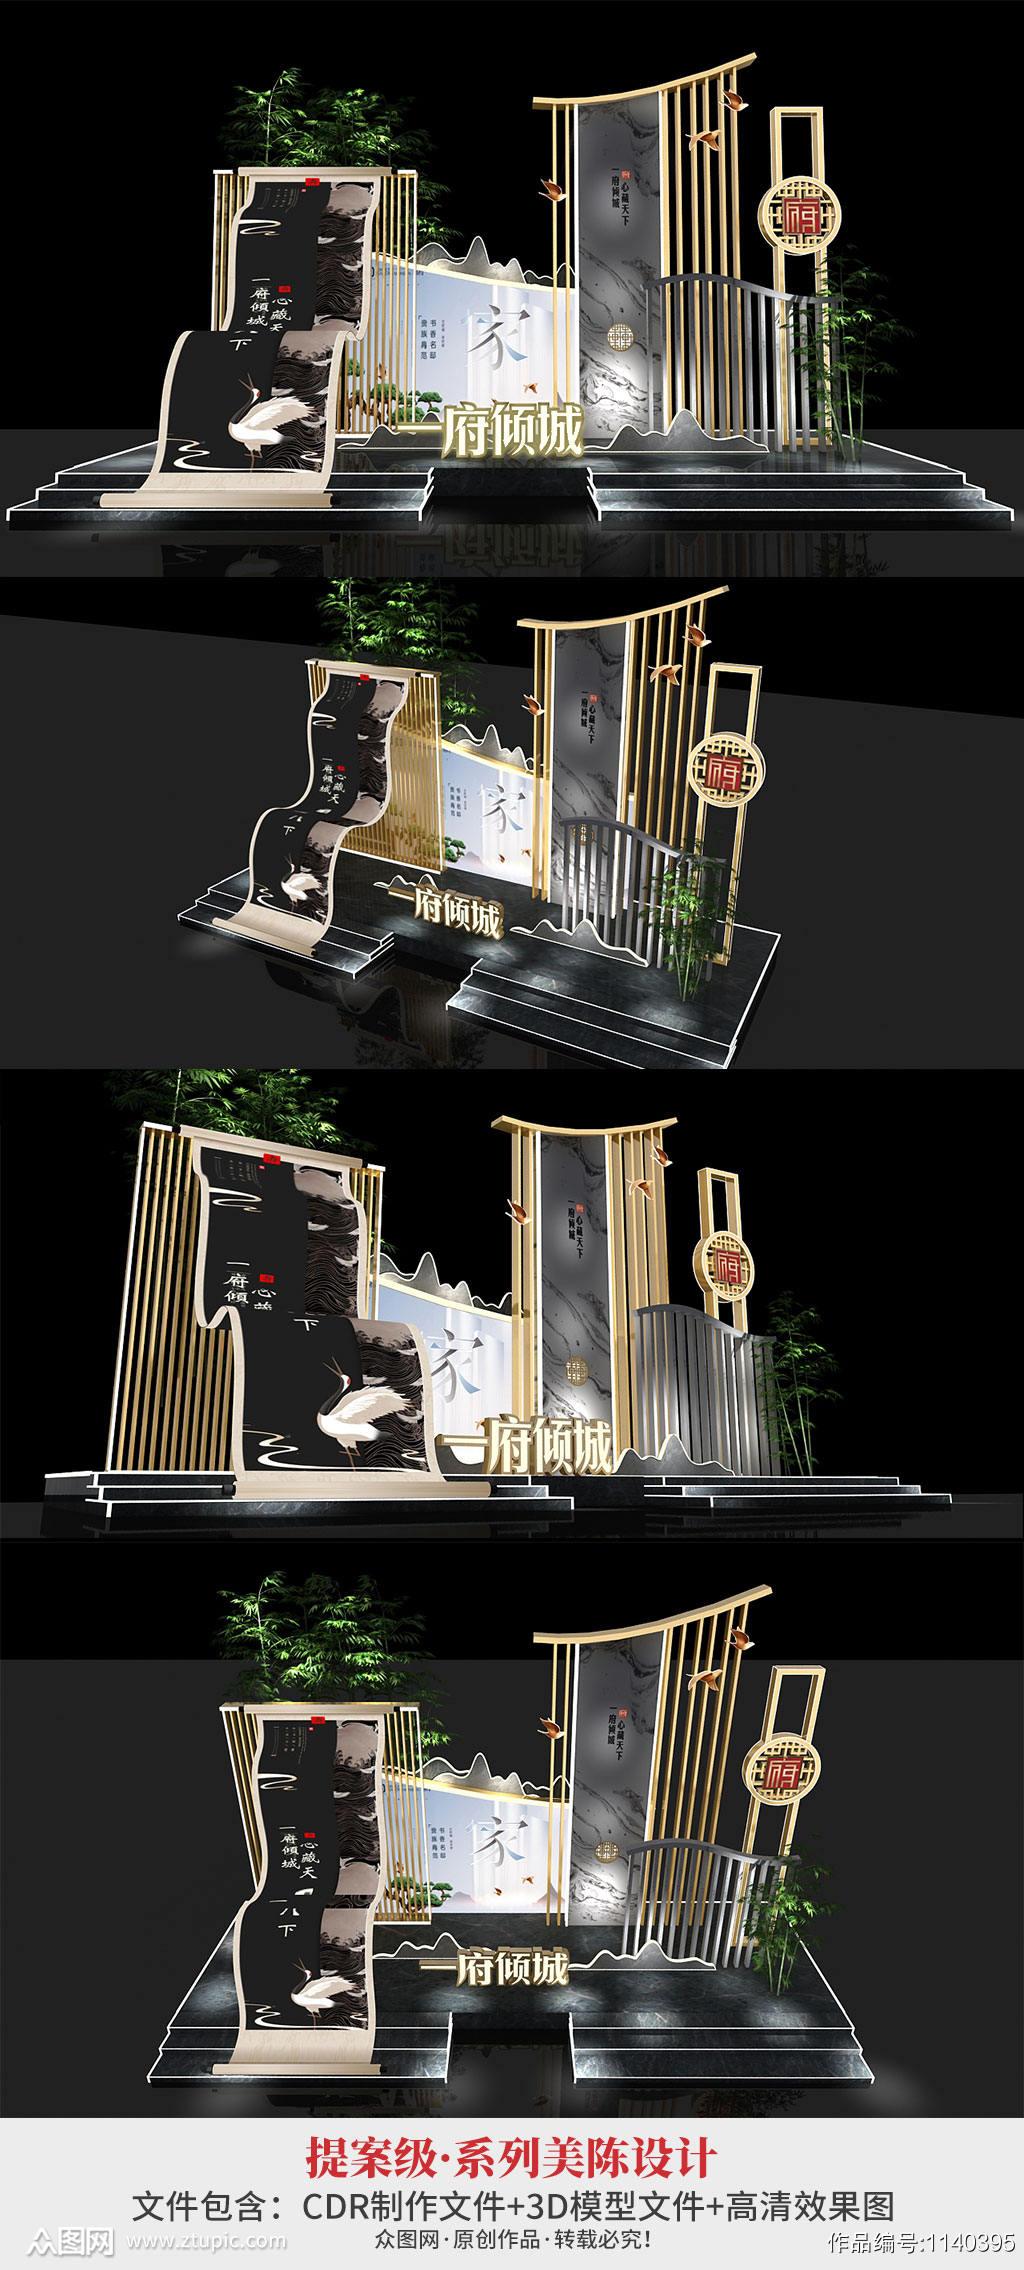 2021年中式中国风古风房地产楼盘售楼处交房美陈中庭 亮化造型素材